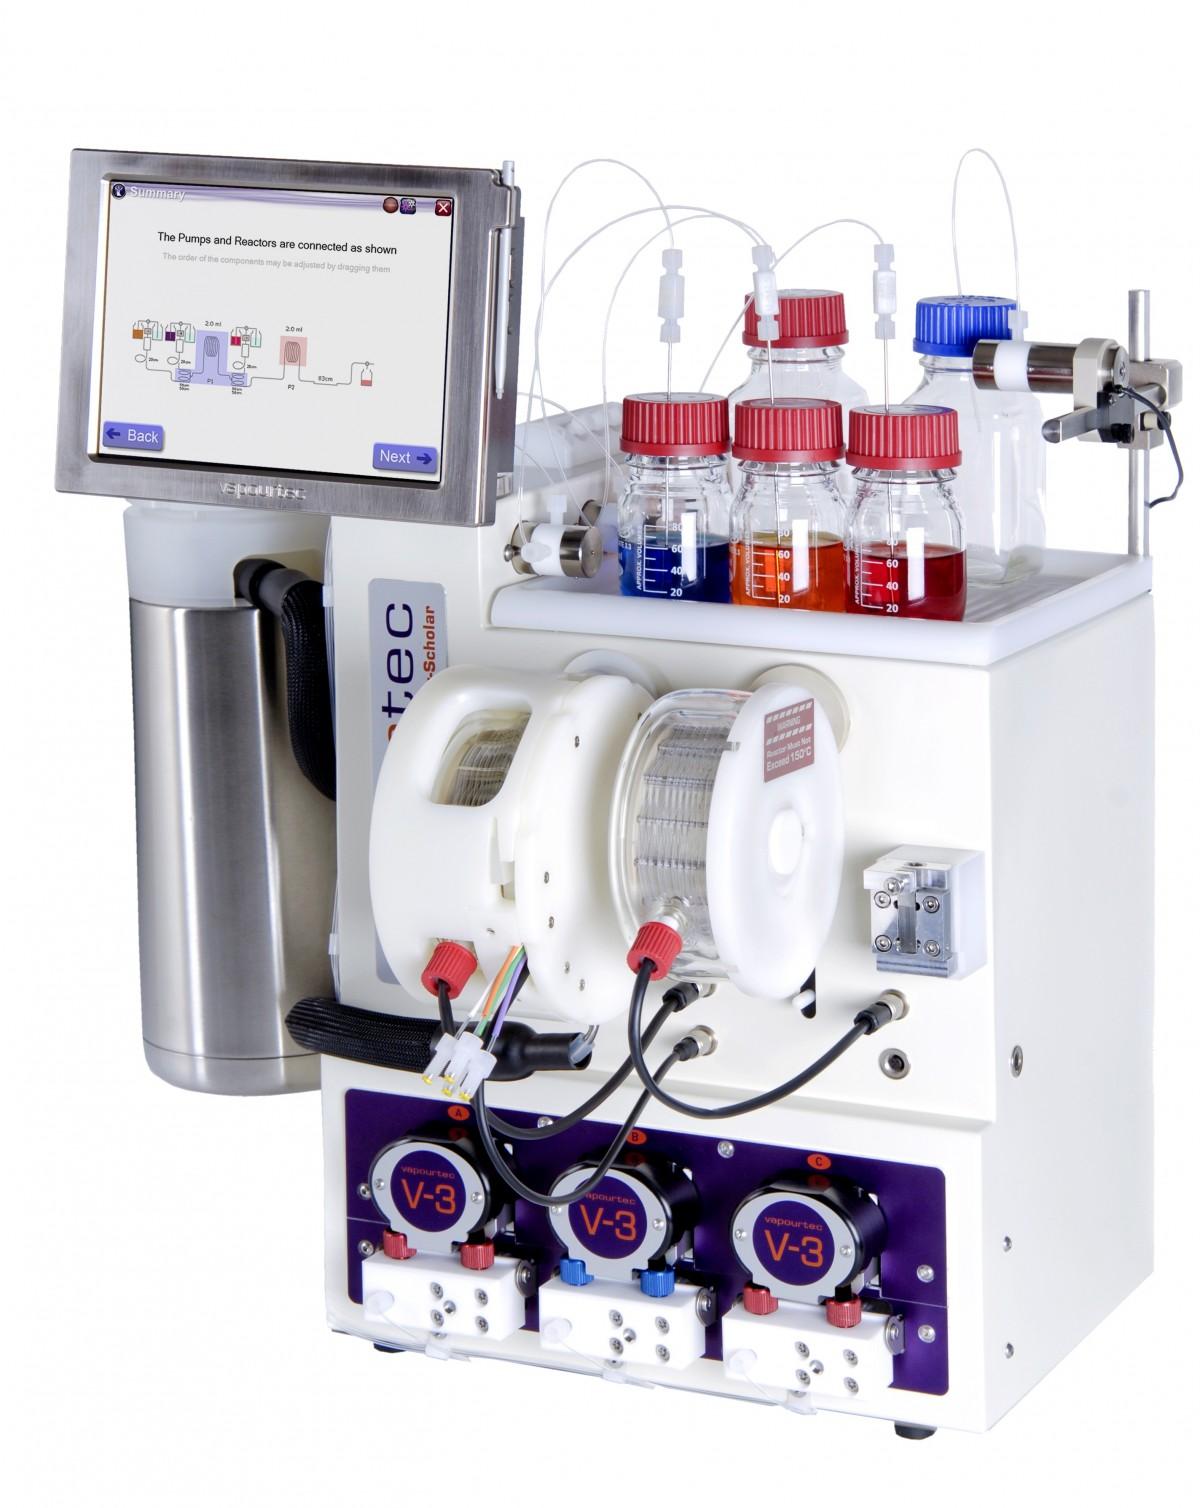 Vapourtec_E-series-medchem-flow-chemistry-system